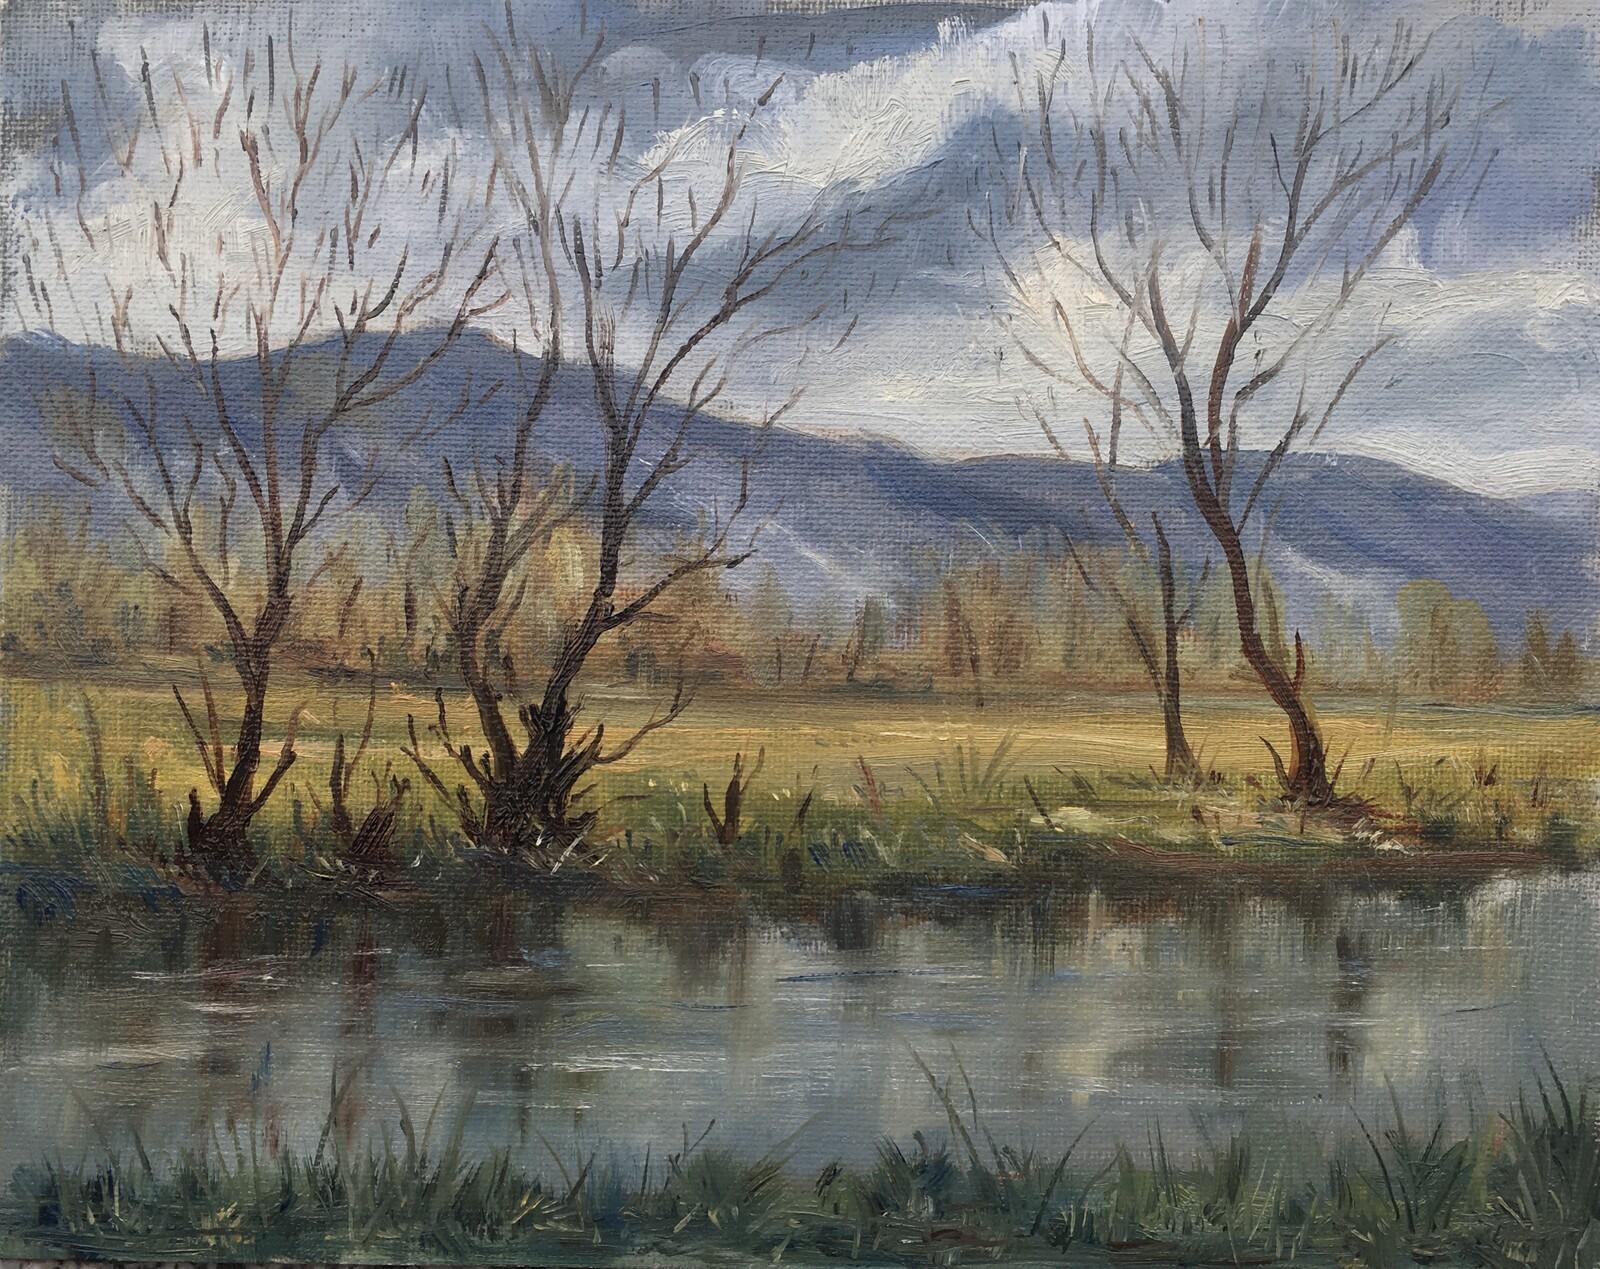 Winter on Tâmega